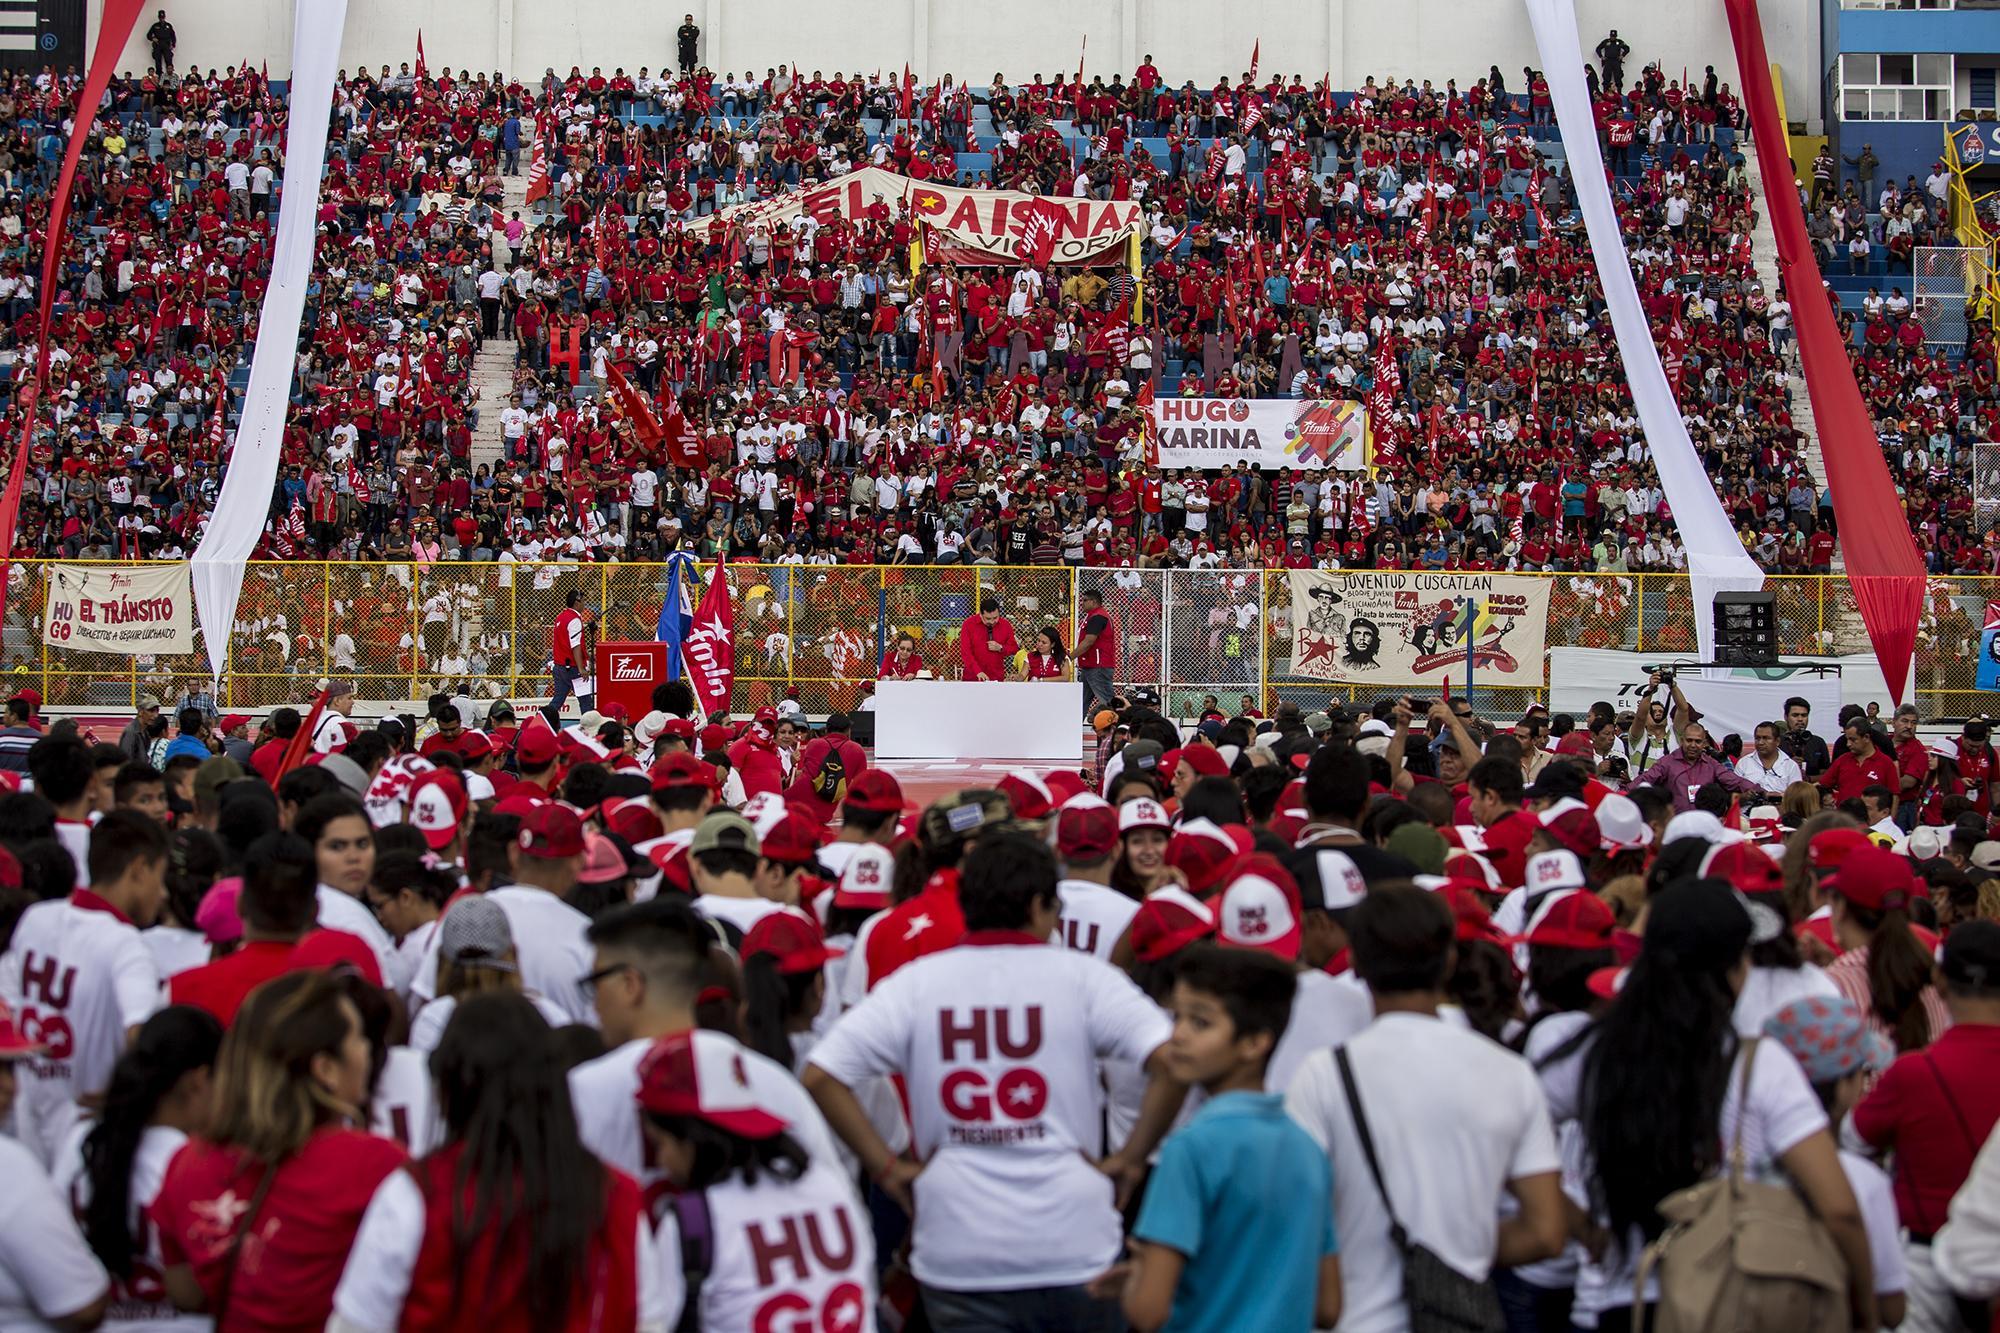 Militantes del partido FMLN escuchan la intervención del secretario general, Medardo González. Foto Fred Ramos (El Faro).